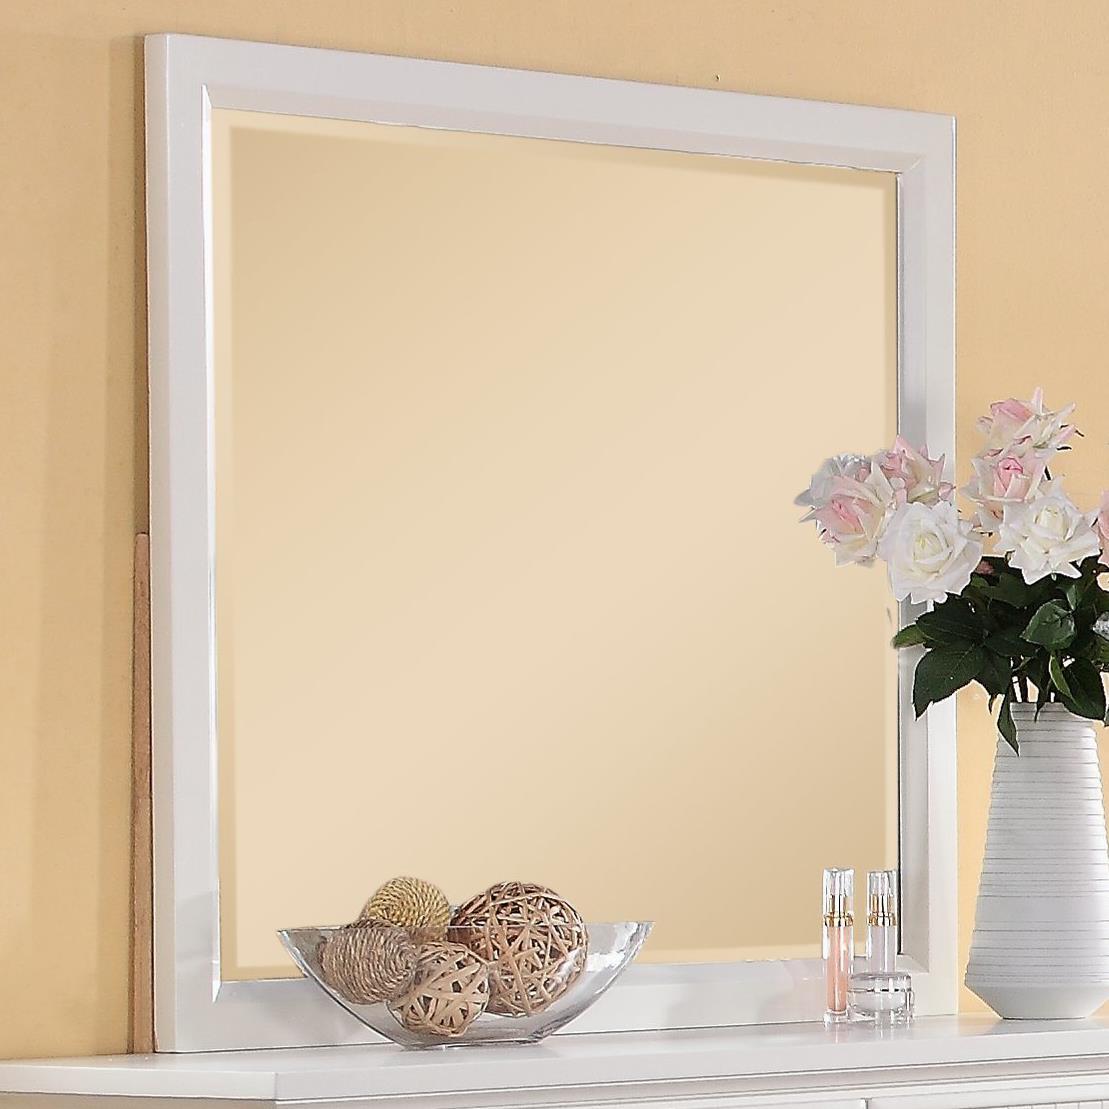 Elements International Spencer Mirror - Item Number: SP700MR